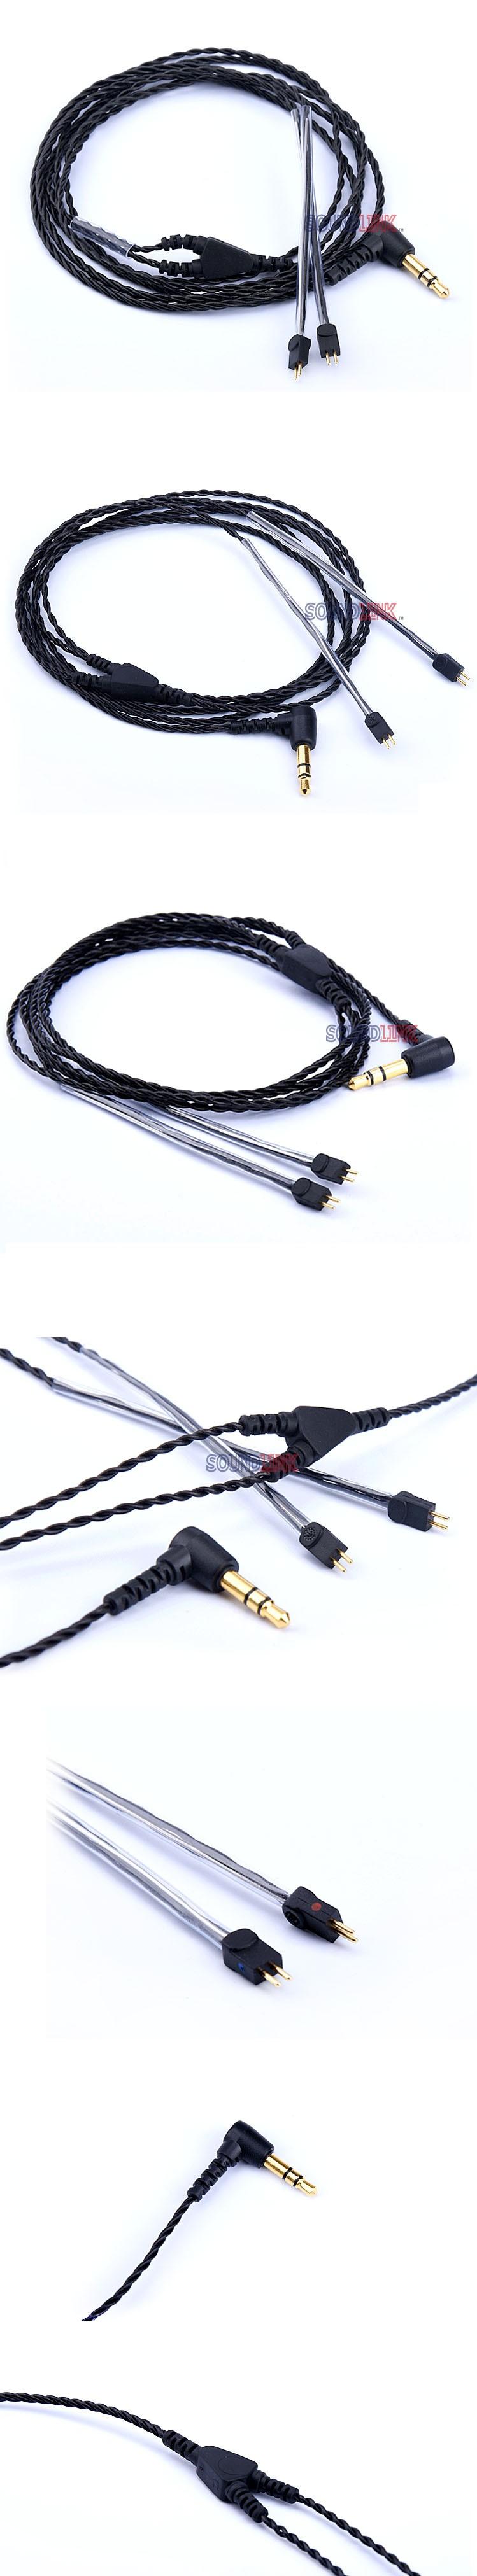 IEM wire